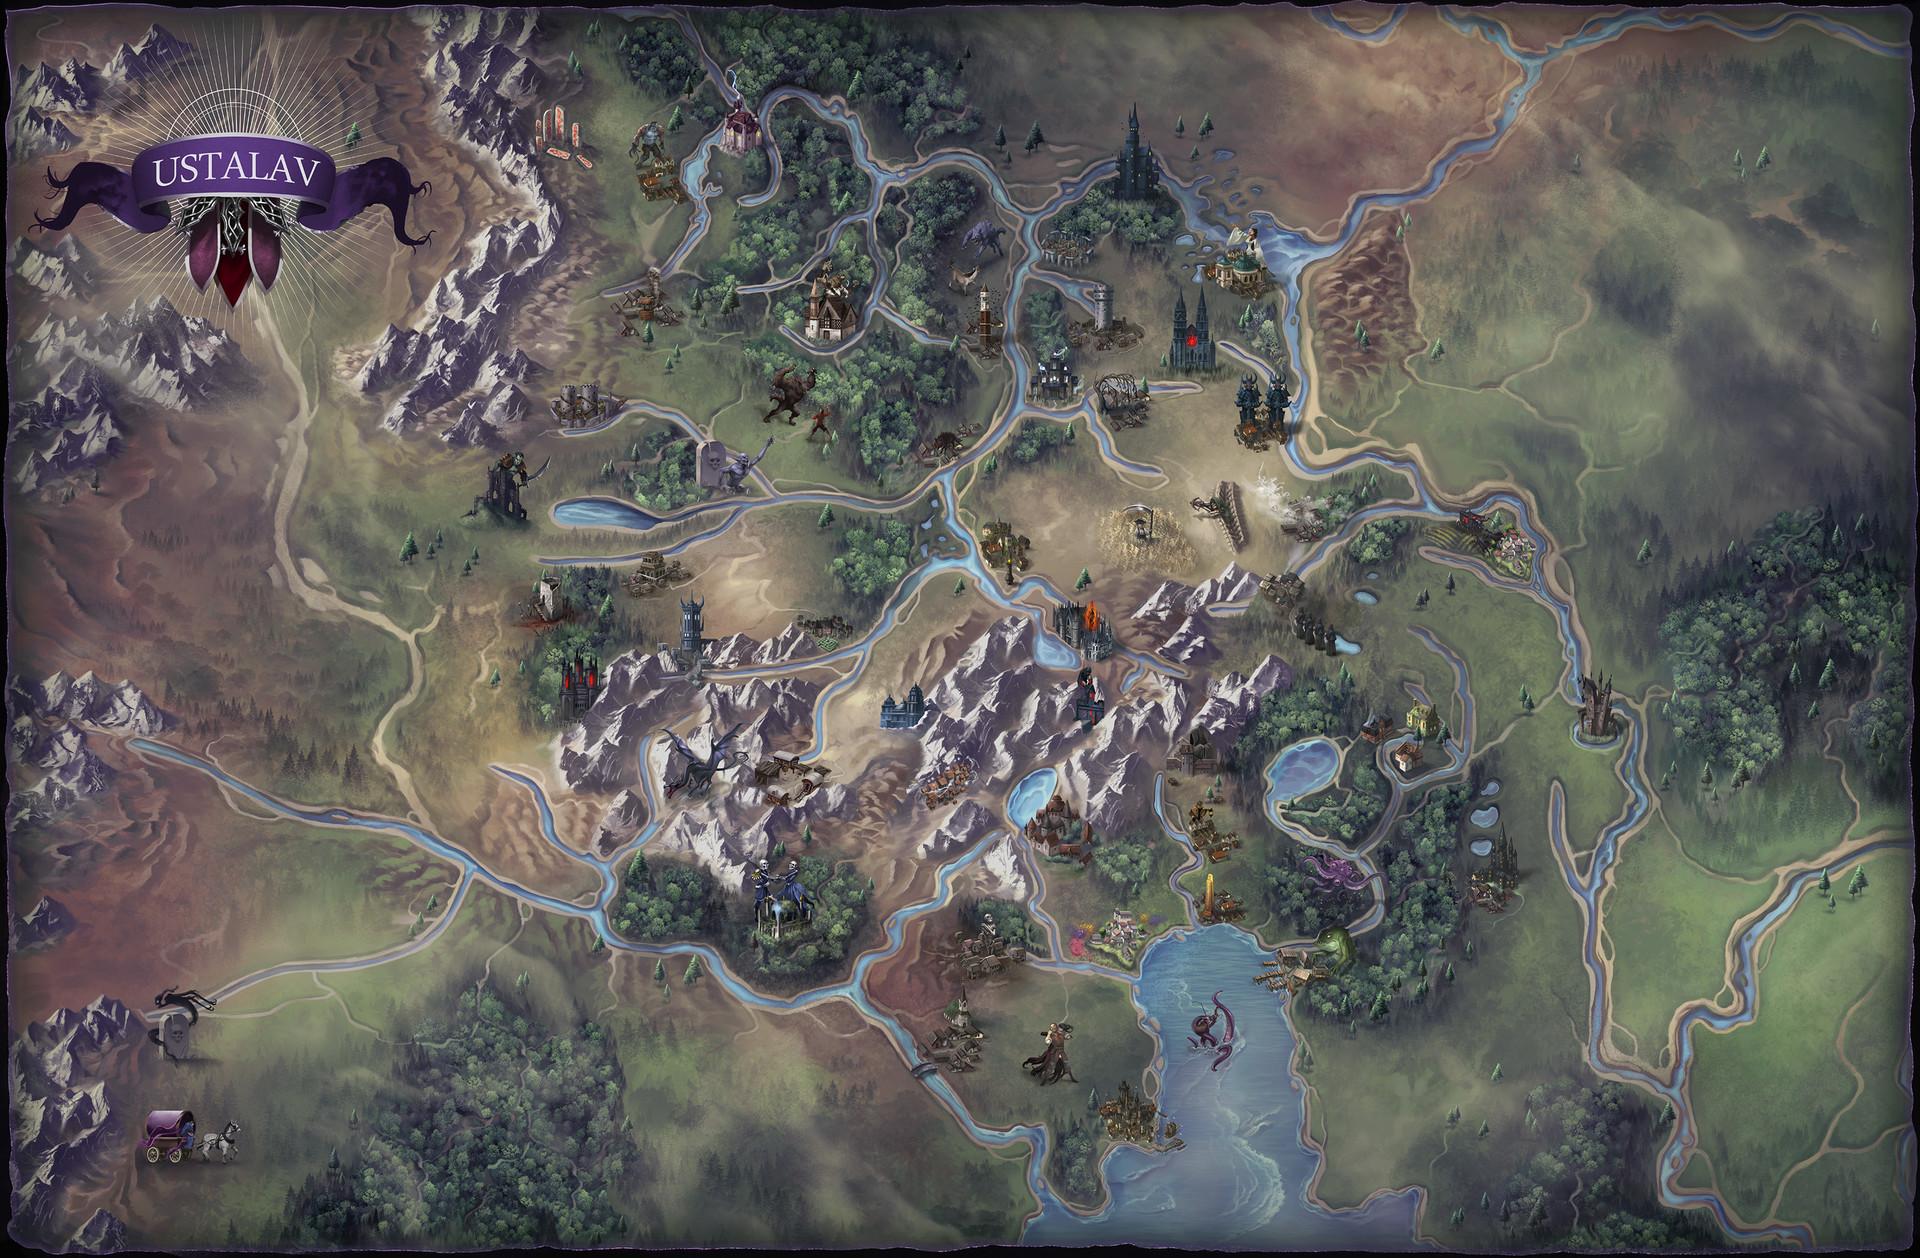 Damien mammoliti pzo92100 ustalav map